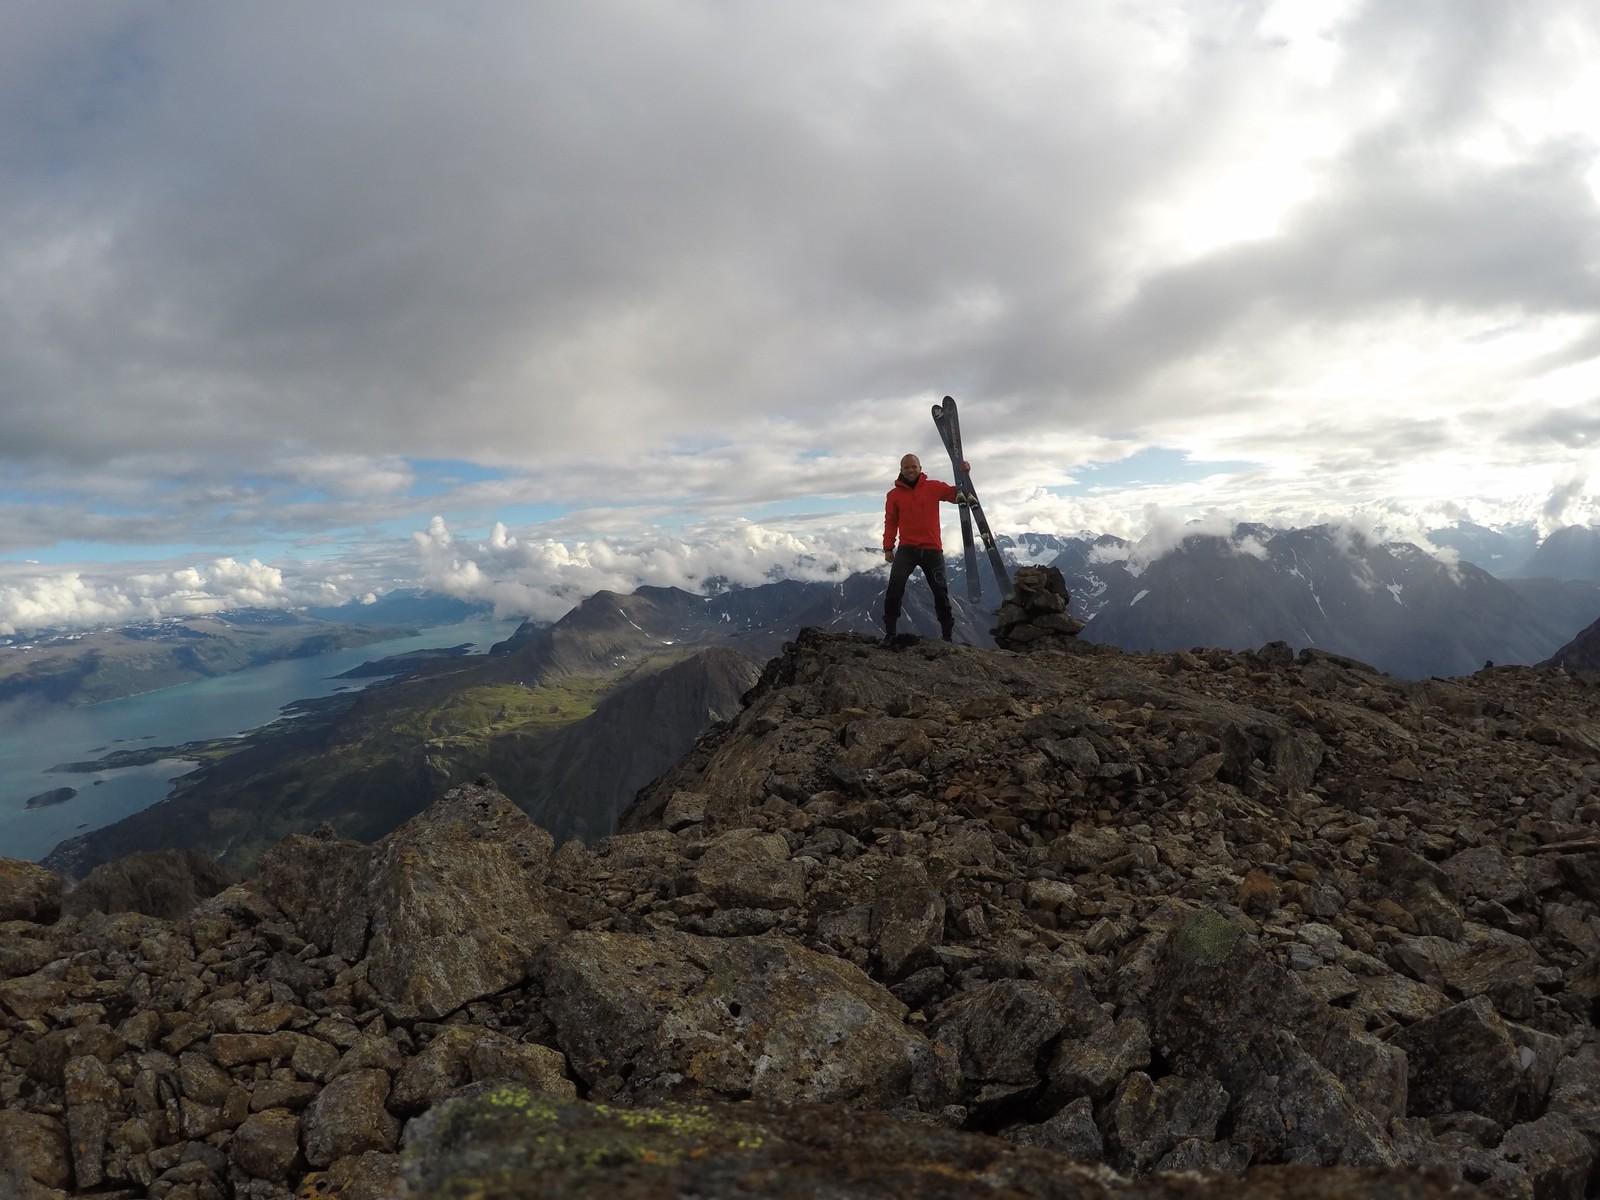 Etter skredulykken i 2007 har Nilssen flere ganger snudd på vei opp toppen av andre fjell. Men i går klarte han å bestige Store Kjostind.